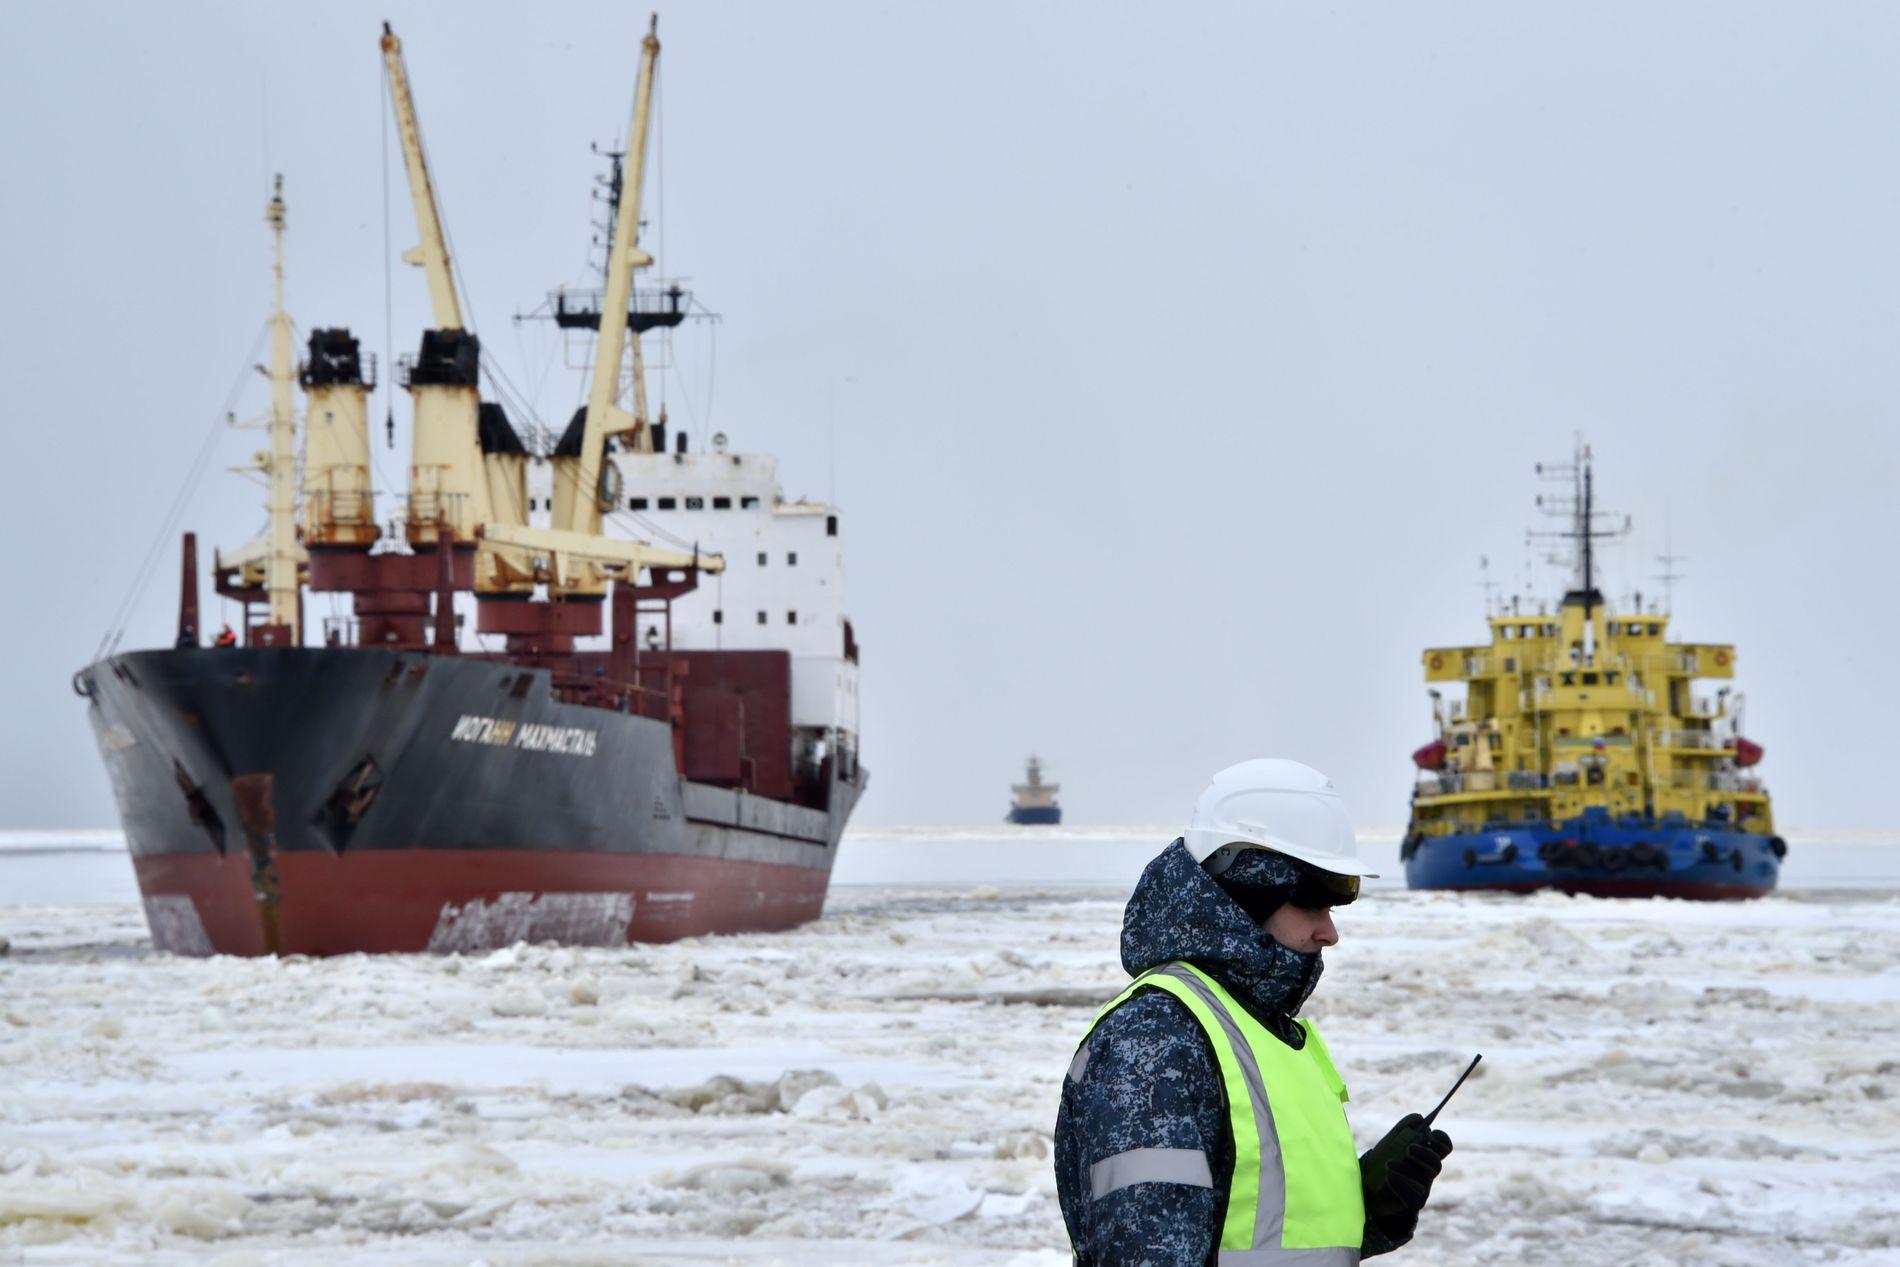 KINESISK KJEMPEPROSJEKT: En isbryter baner seg i vei utenfor det massive naturgassanlegget Yamal LNG i Sibir. Anlegget er Kinas største investering i Arktis så langt.